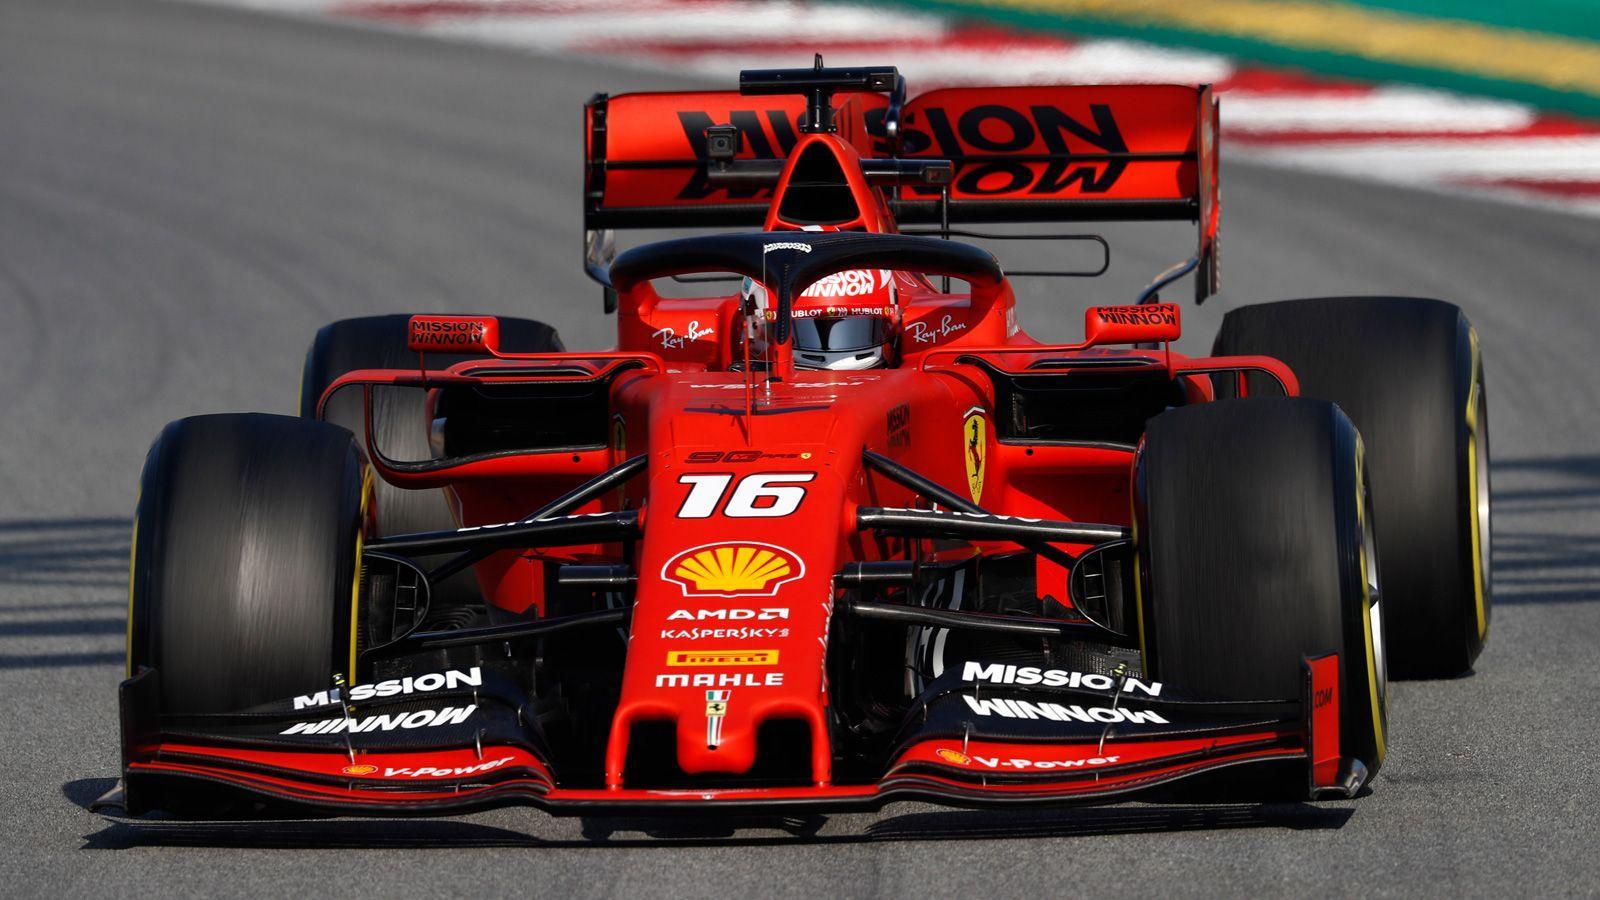 17+ F1 Ferrari Charles Leclerc Wallpaper  Pics